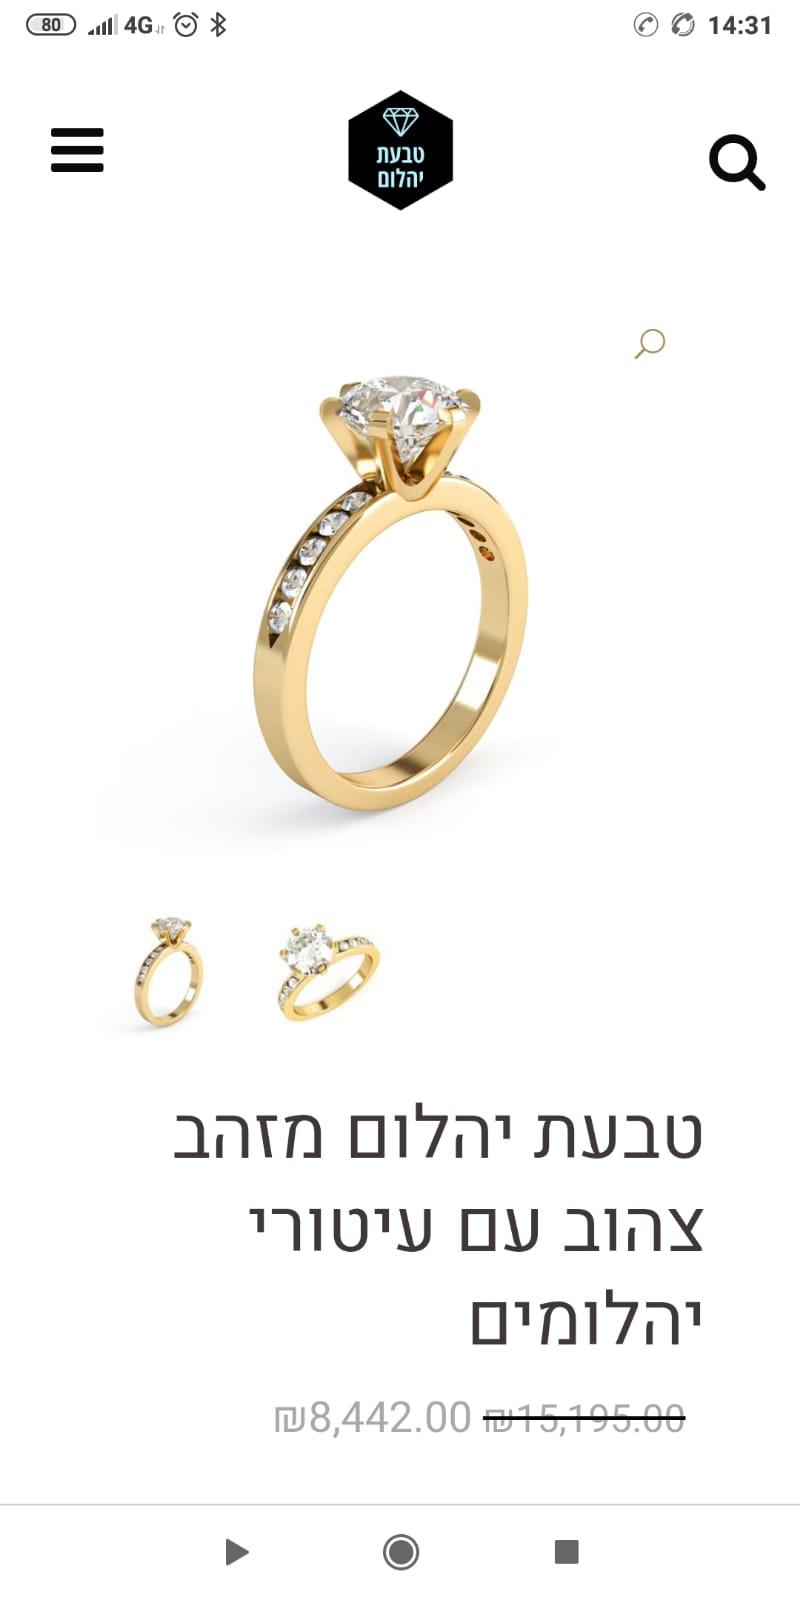 טבעת יהלום - דף מוצר בנייד